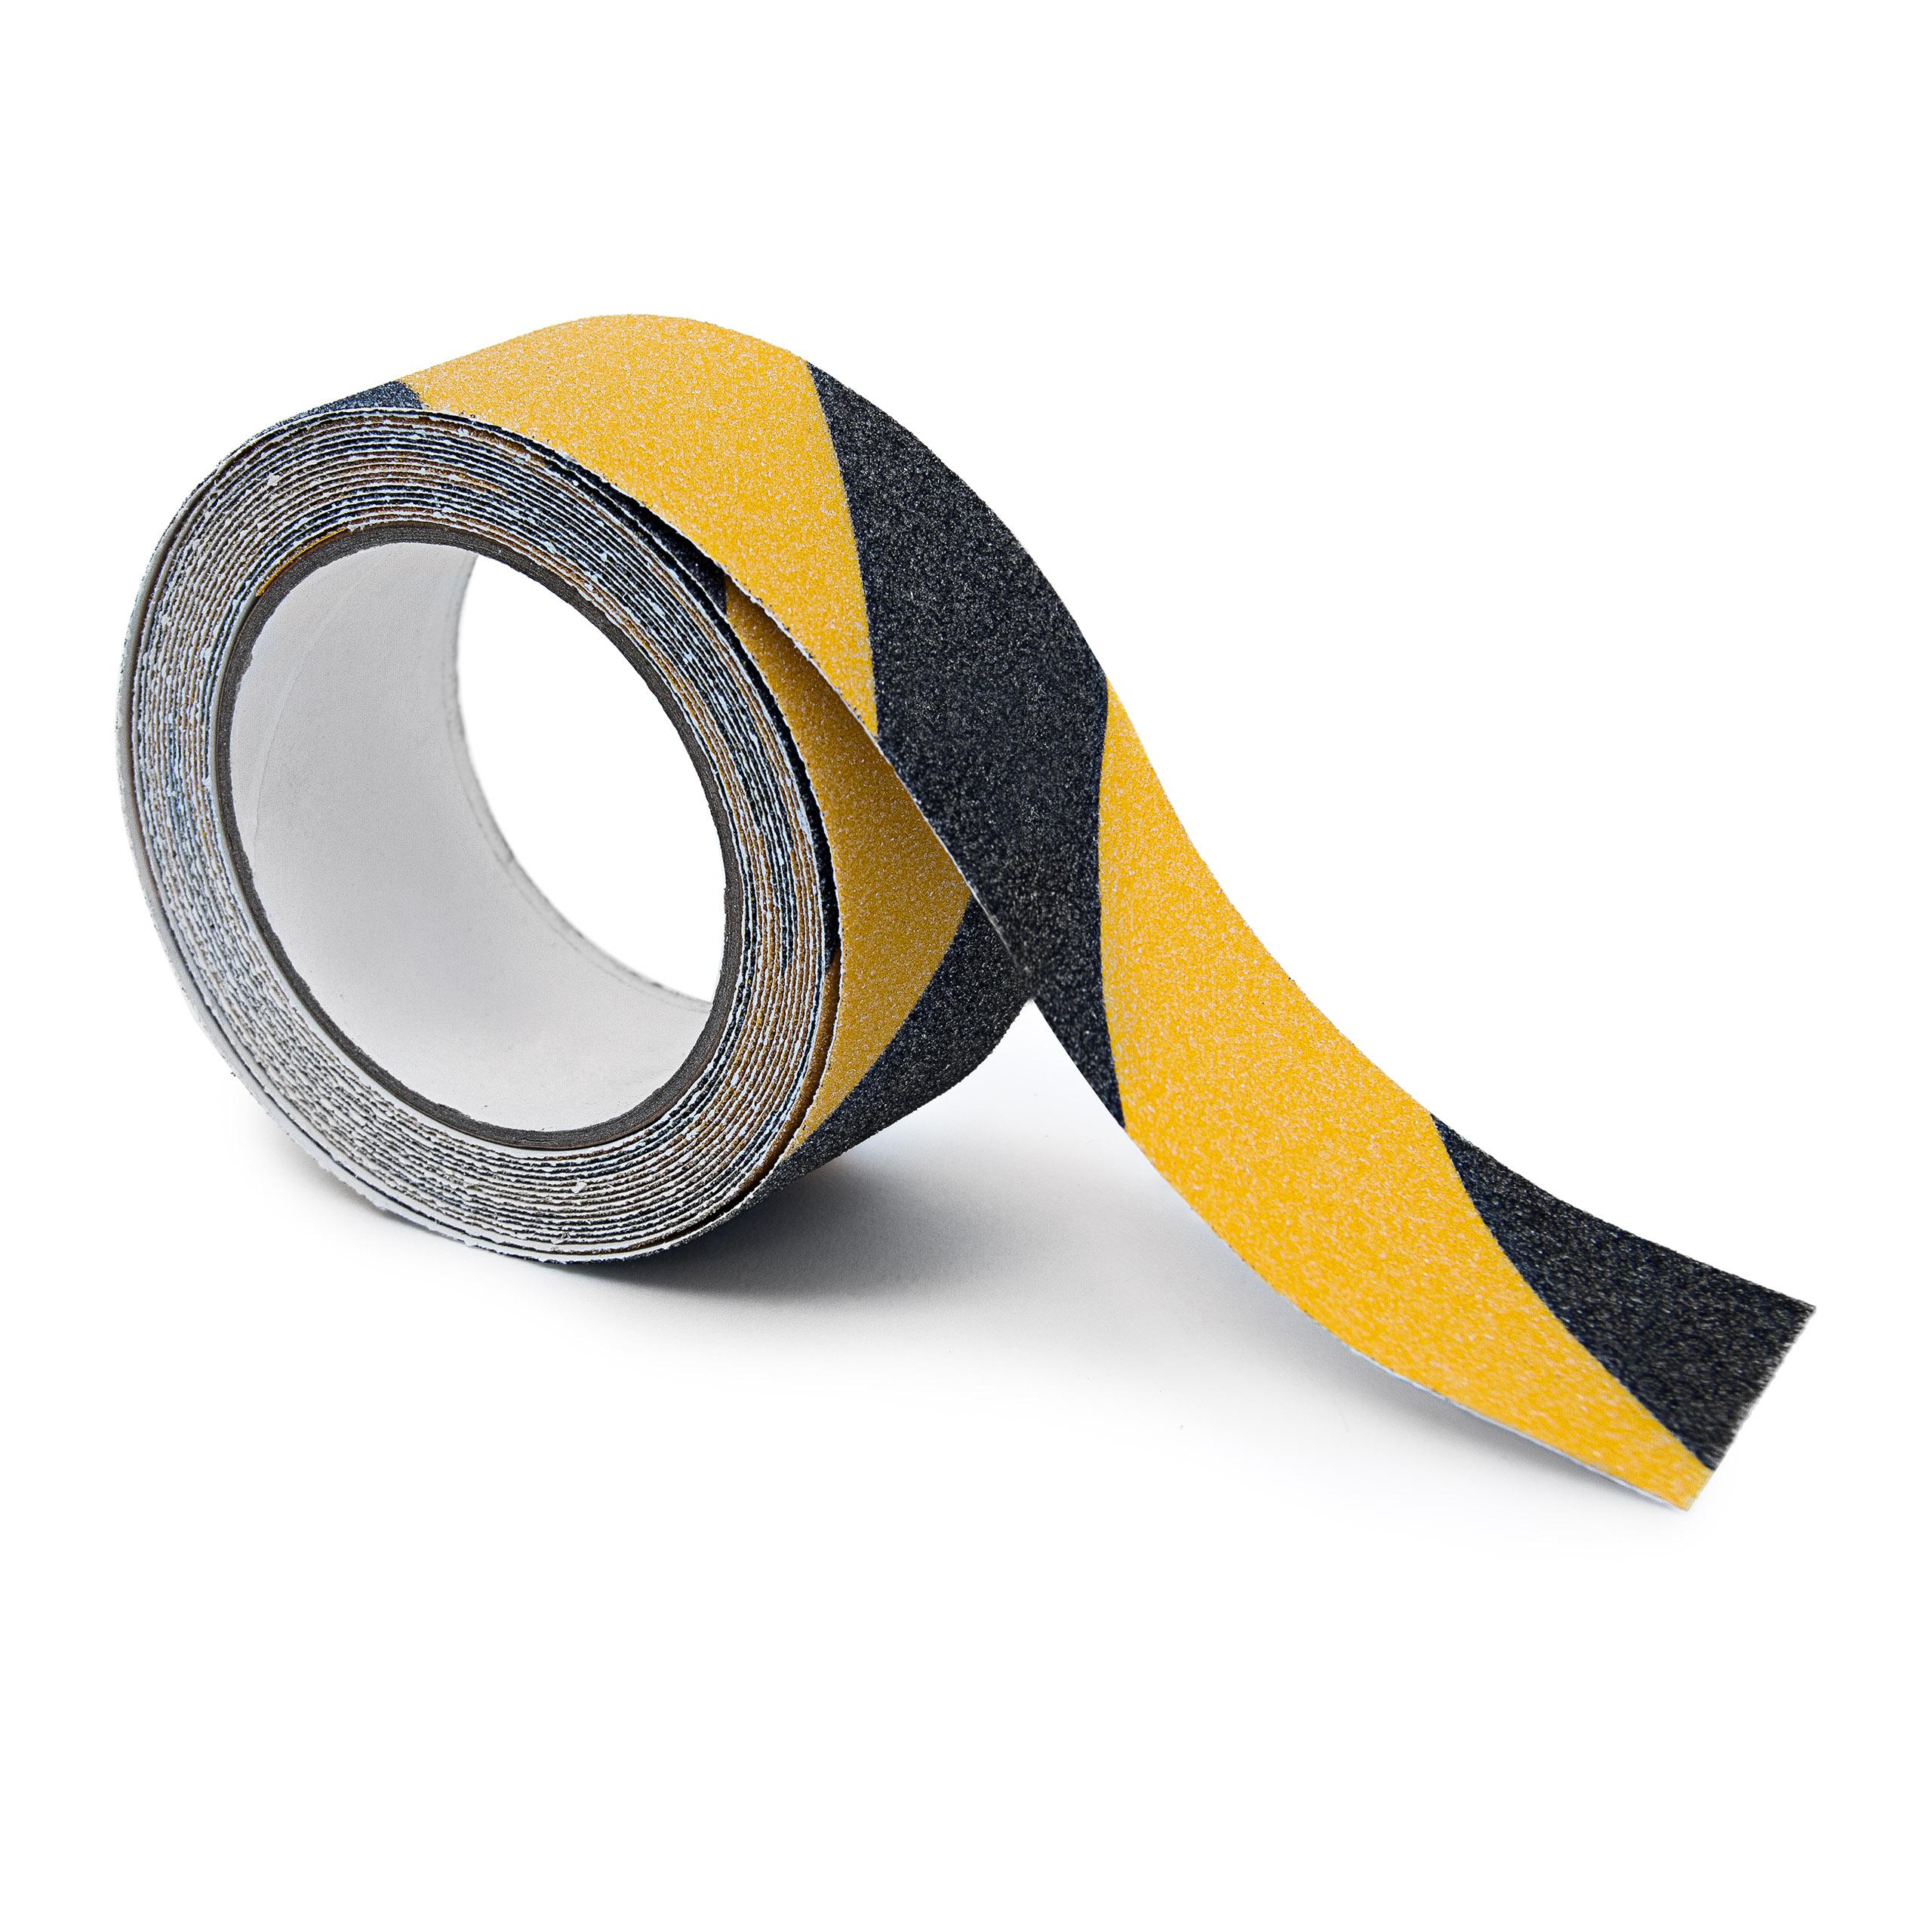 Anti-Rutsch-Klebeband-5-m-selbstklebend-fuer-innen-amp-aussen-Antislip-Grip-Tape